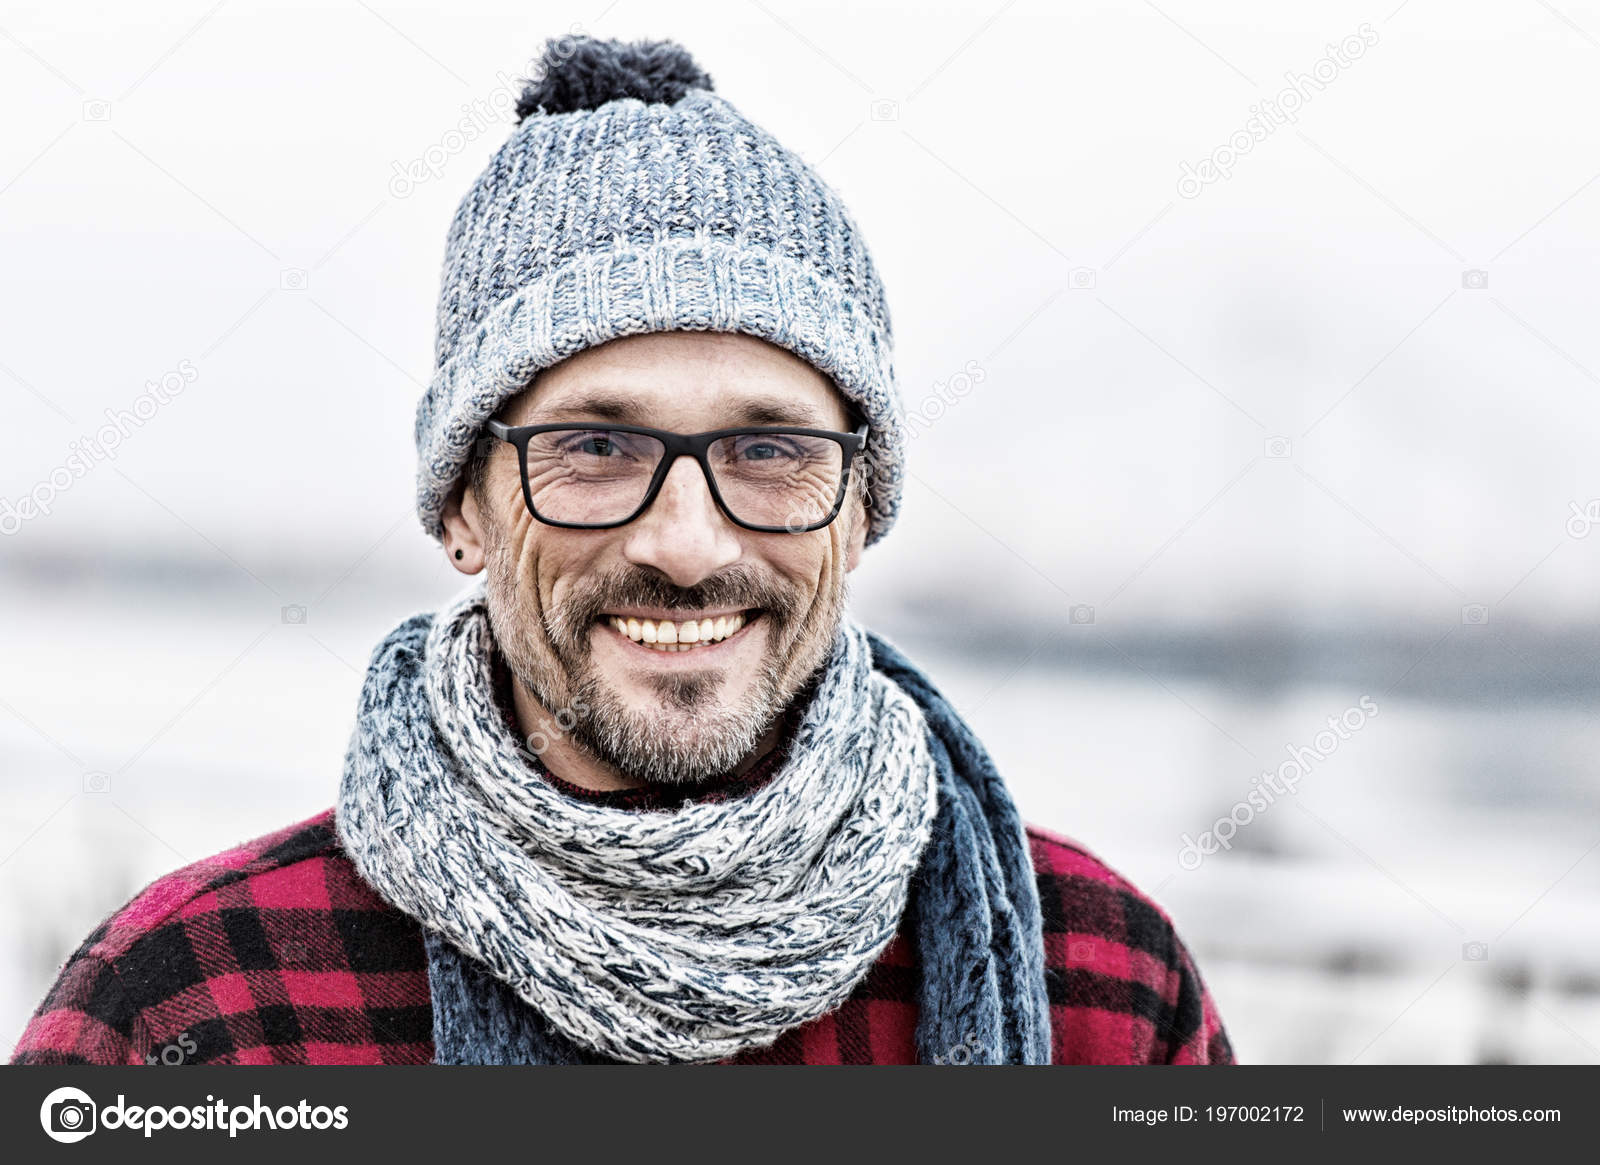 Portrét městského člověka v zimě pletené oblečení. Portrét muže v brýlích a  pletená bílo modrá šála a čepice. Portrét šťastný člověk. ef034604ab